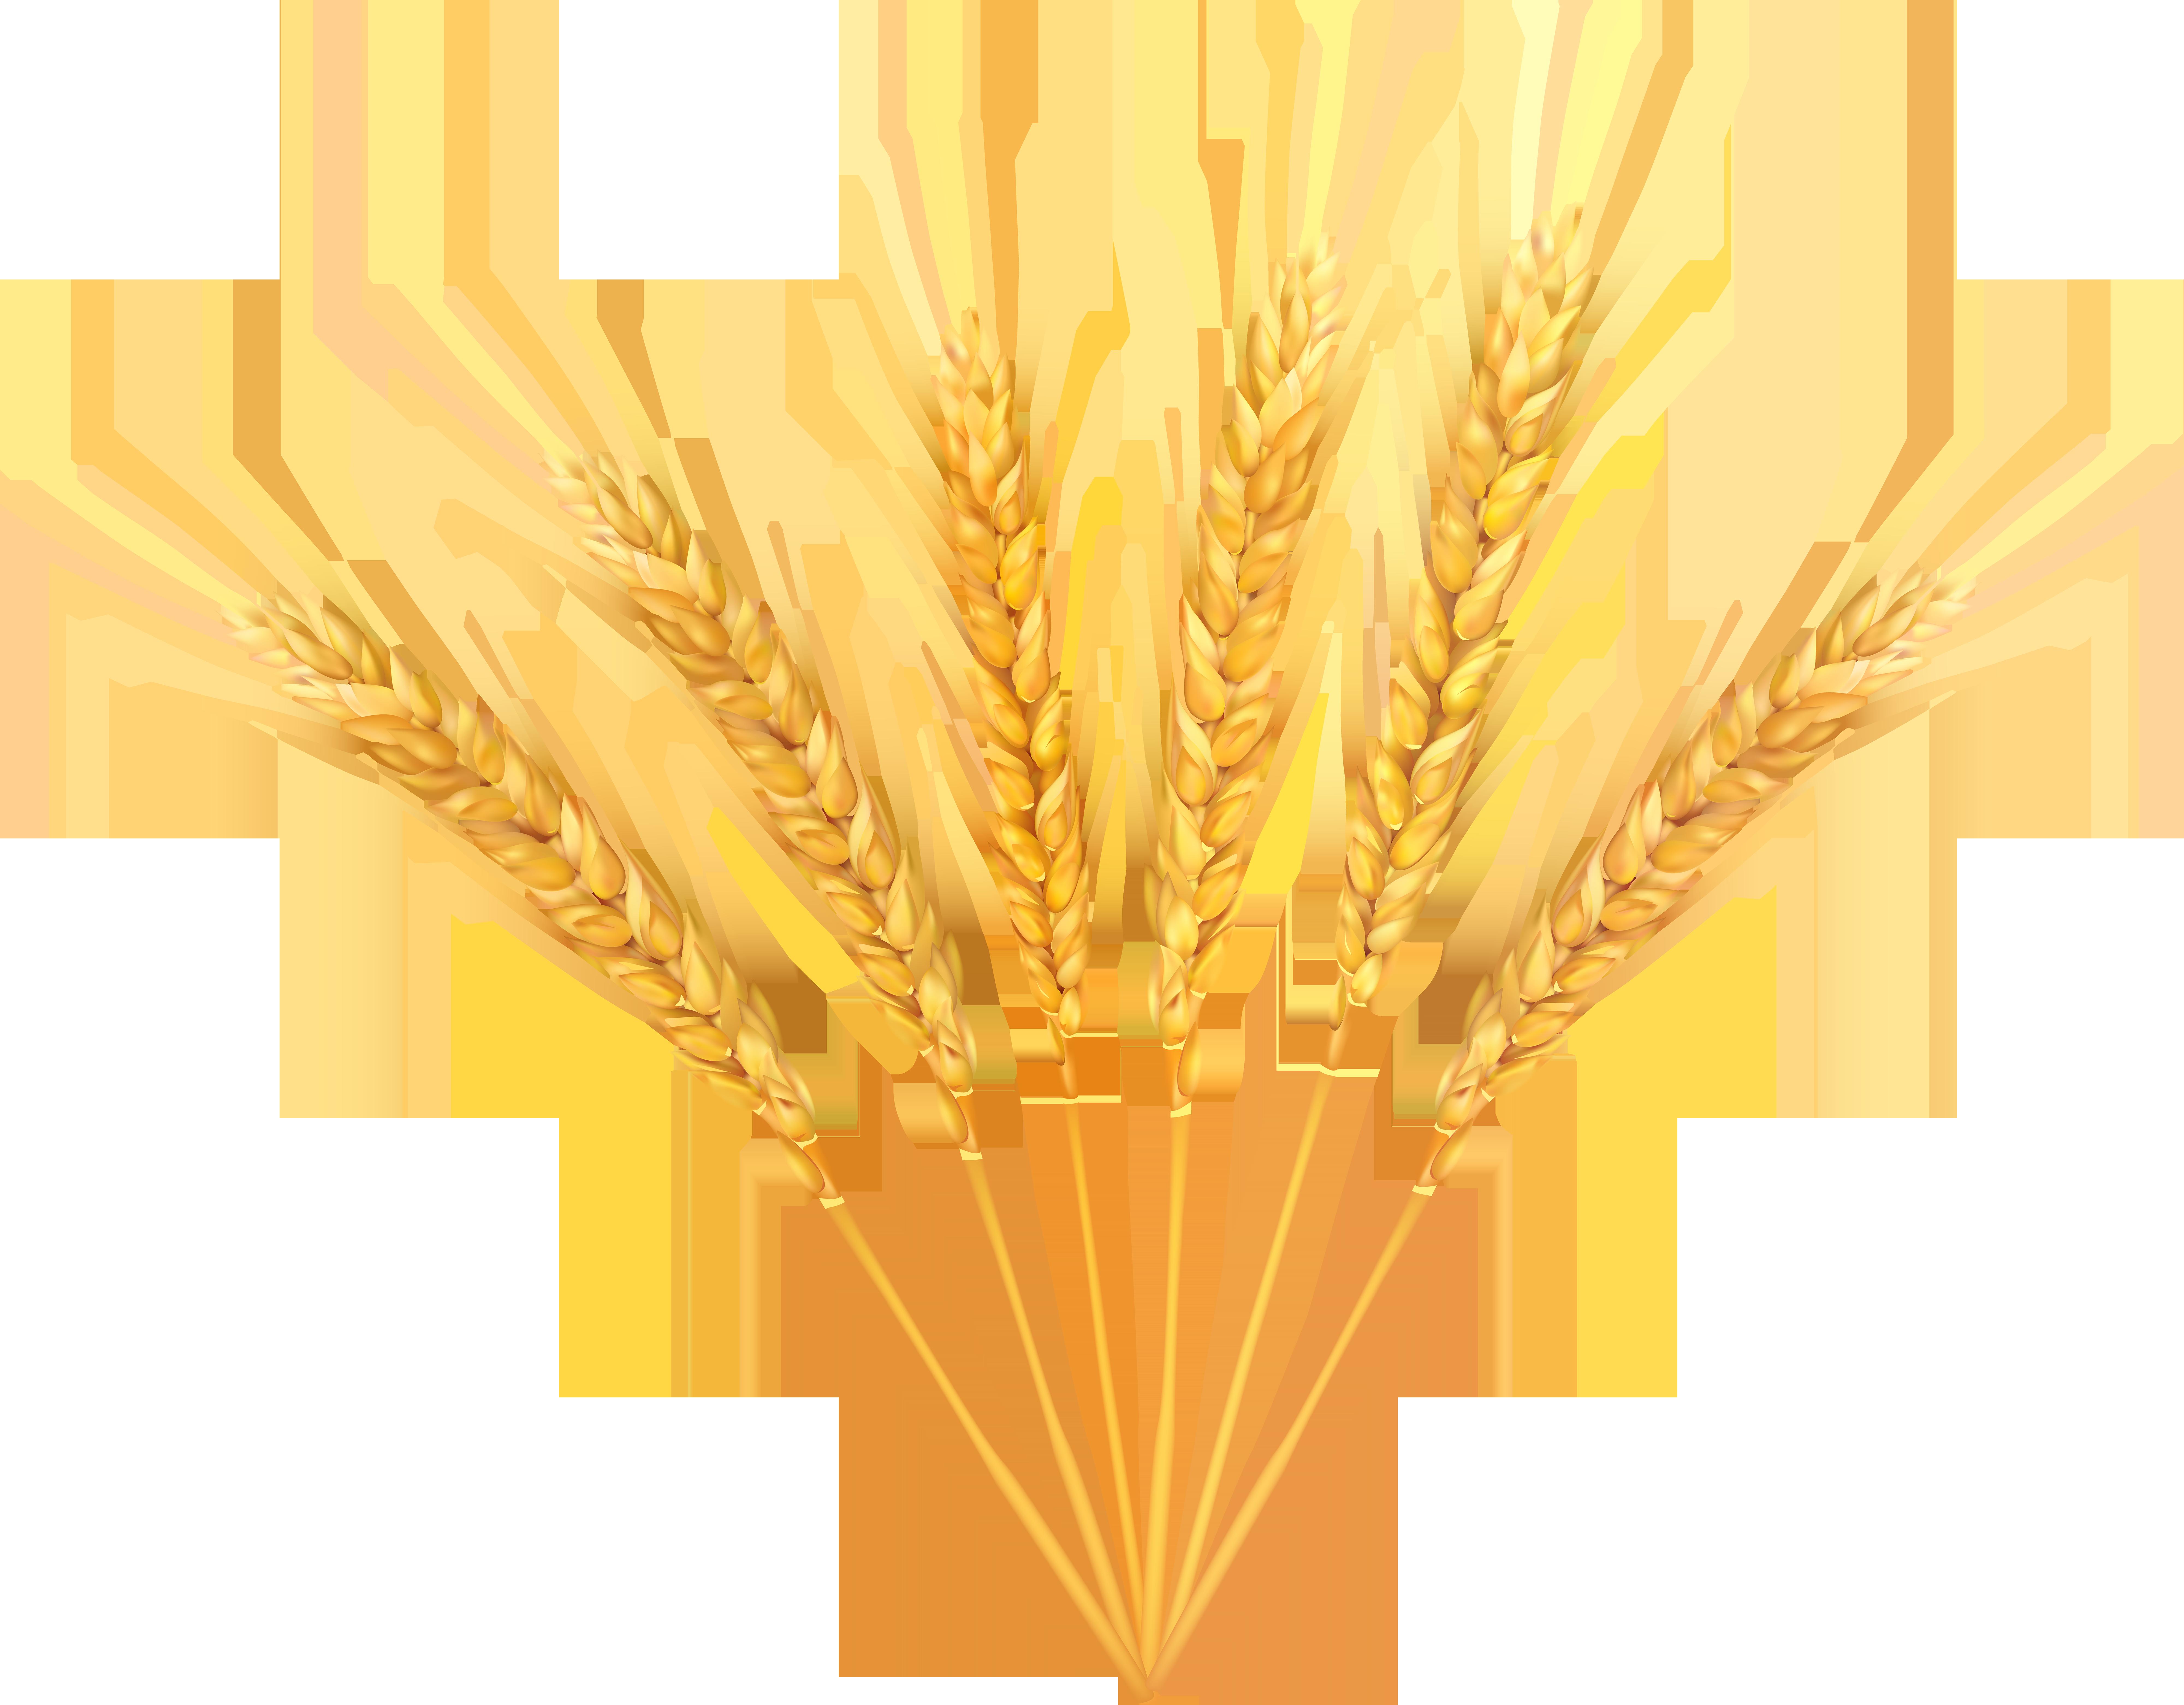 Grains clipart wheat wreath. Decoration png clip art